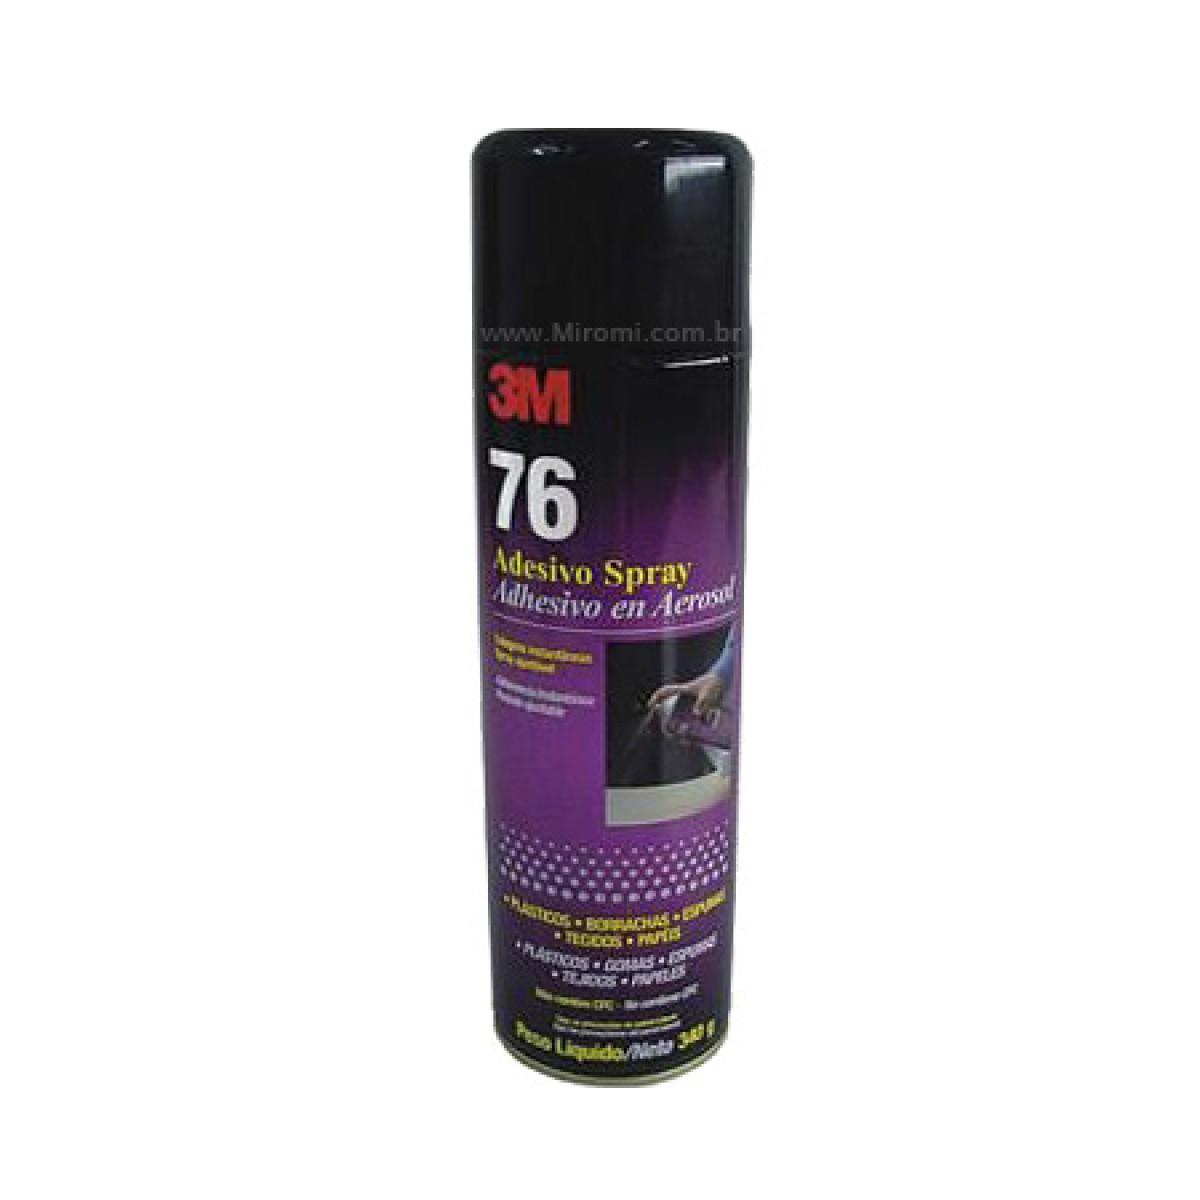 Adesivo Spray 76 3M